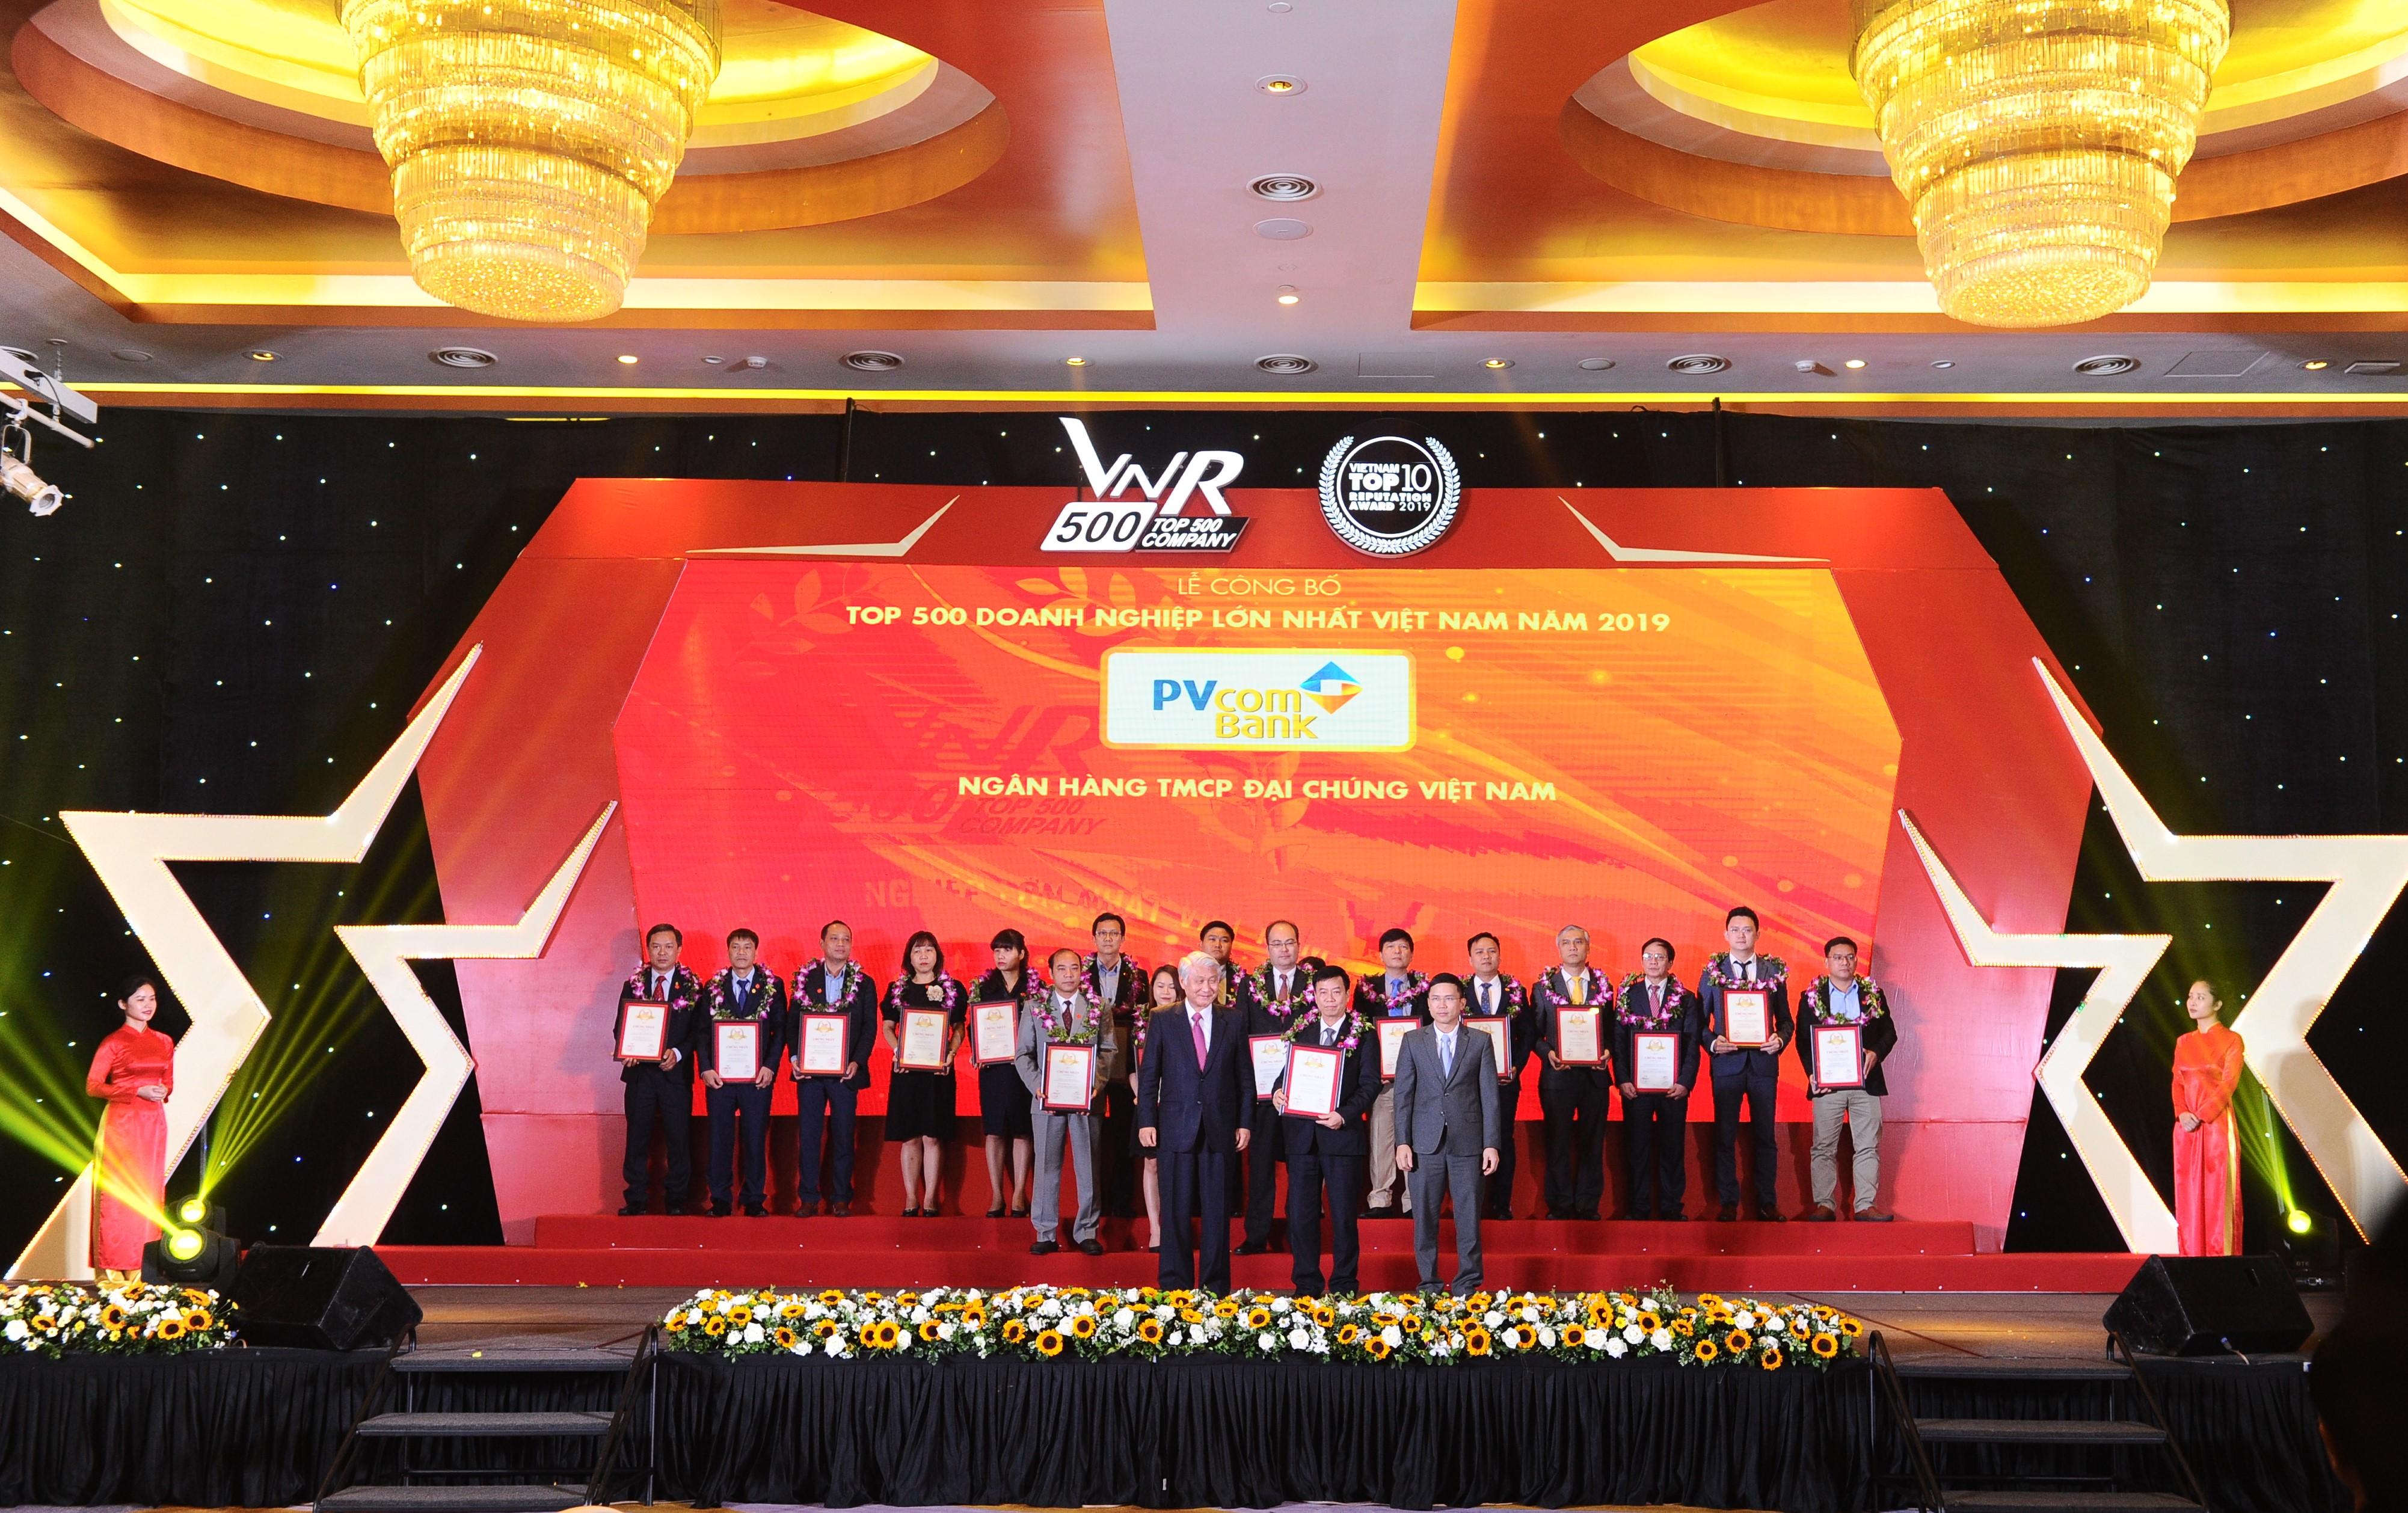 """PVcomBank 5 năm liên tiếp được vinh danh """"Top 500 doanh nghiệp lớn nhất Việt Nam"""""""